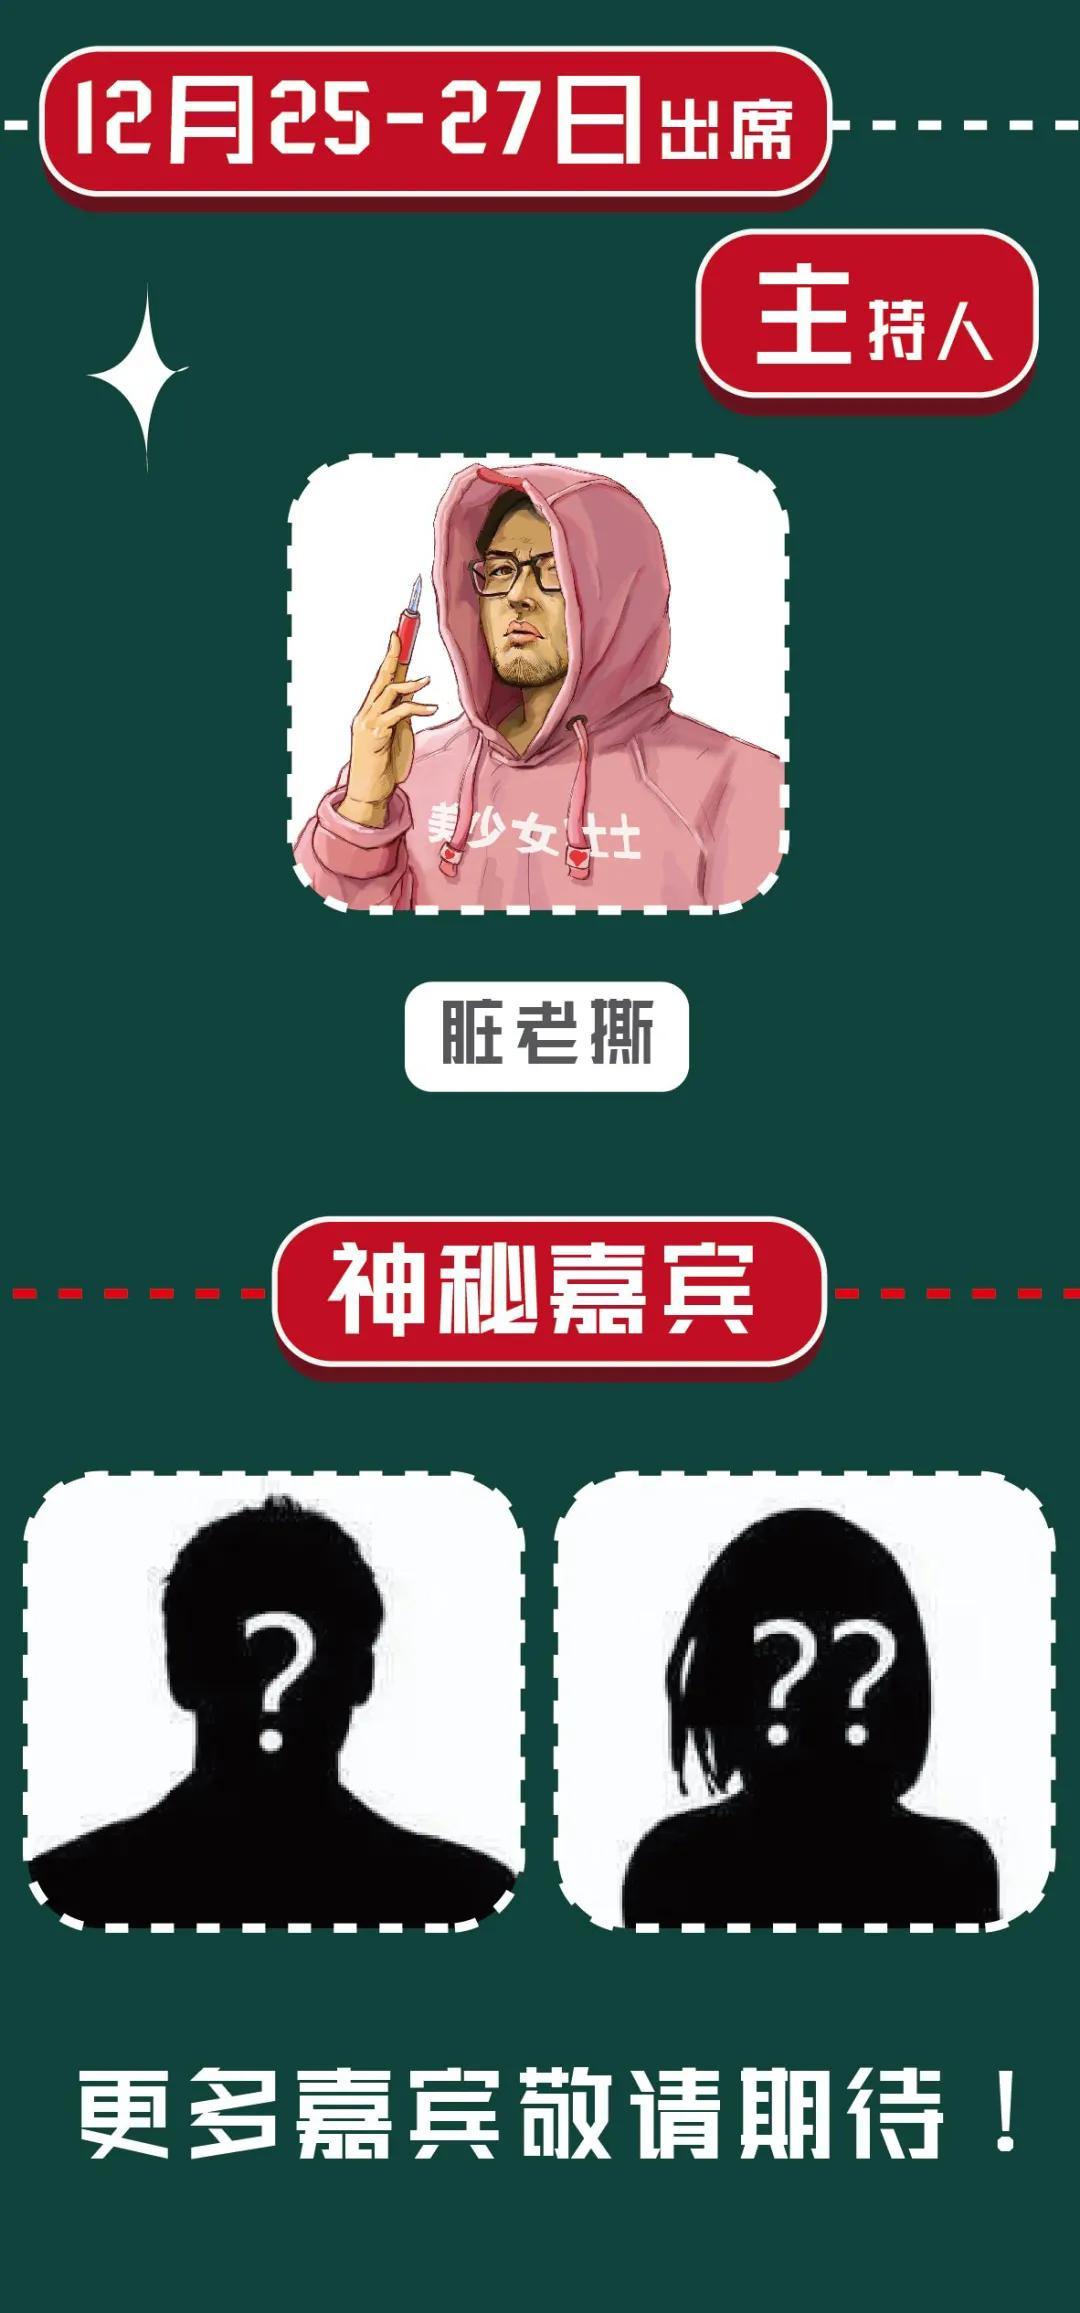 上海虹桥星光天地ARAG魔幻二次元动漫国风基地首次活动来袭